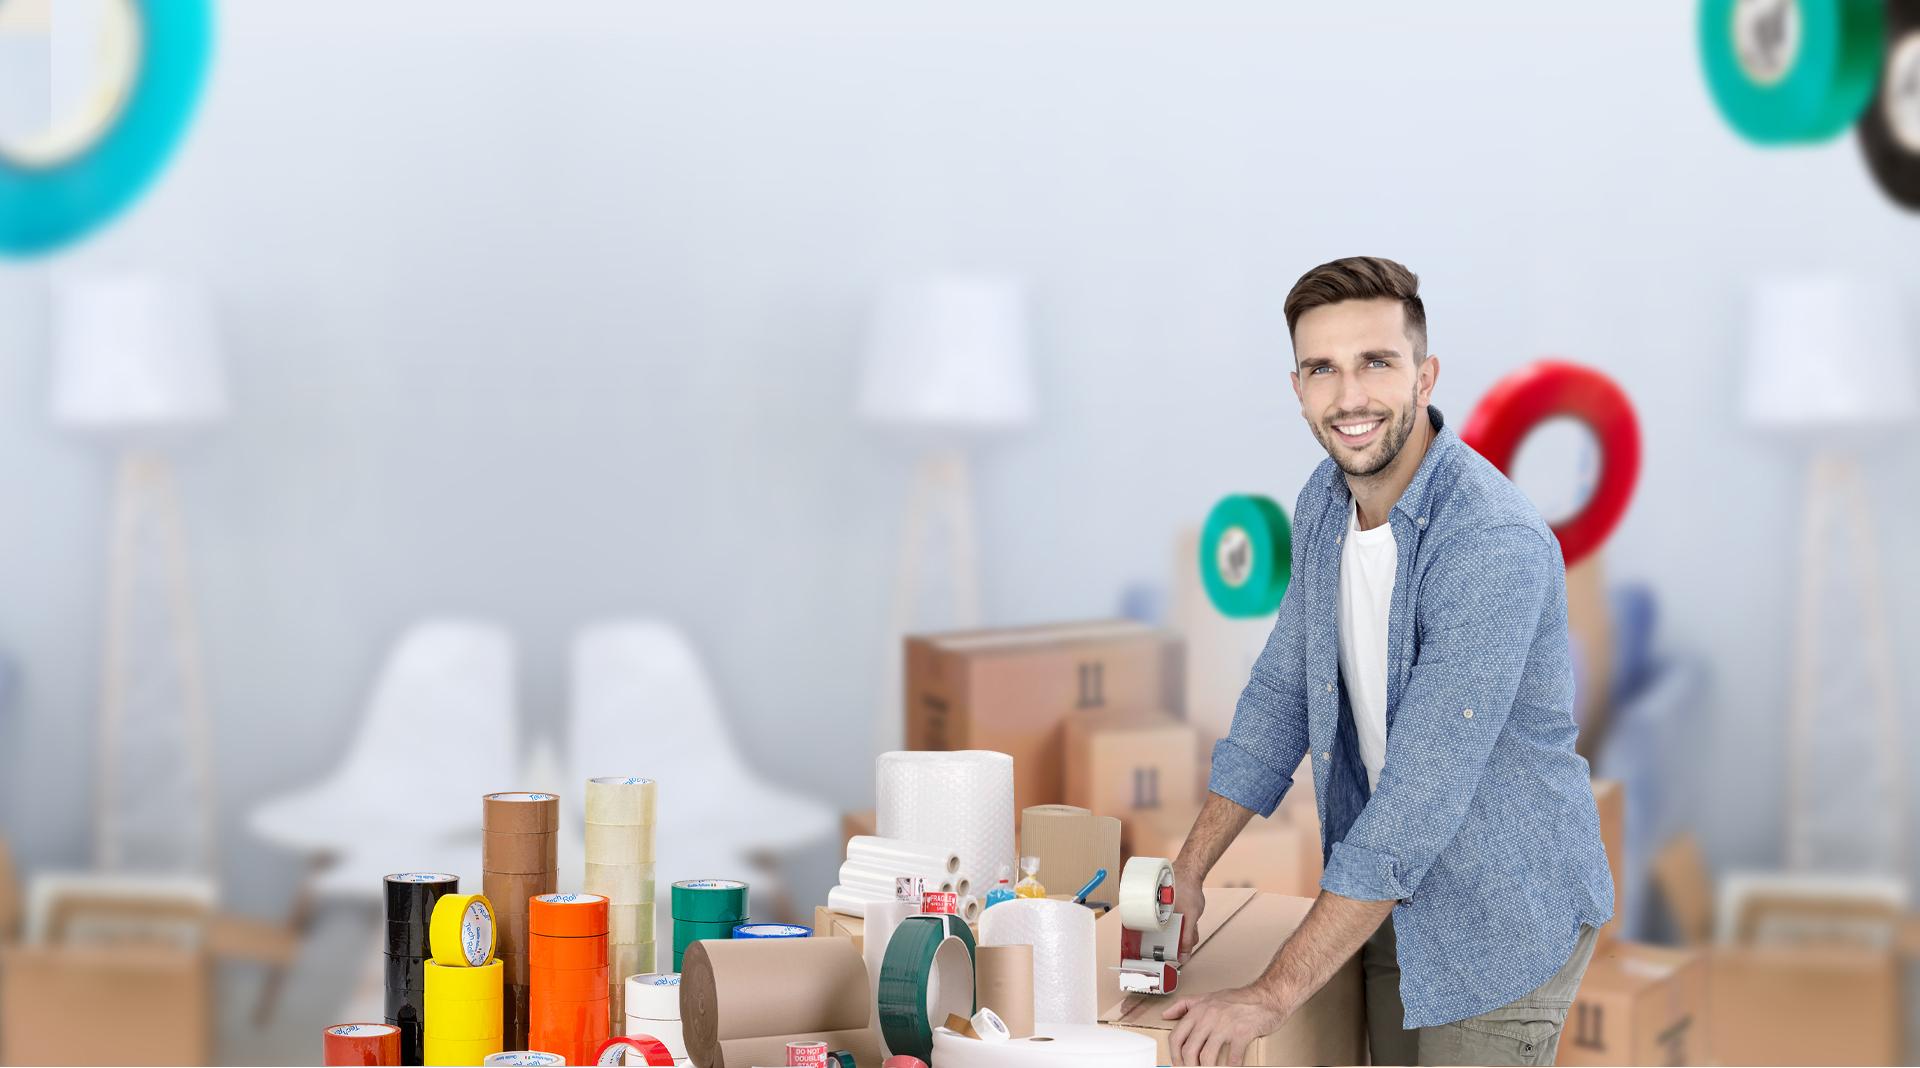 Упаковочные материалы по доступной стоимости